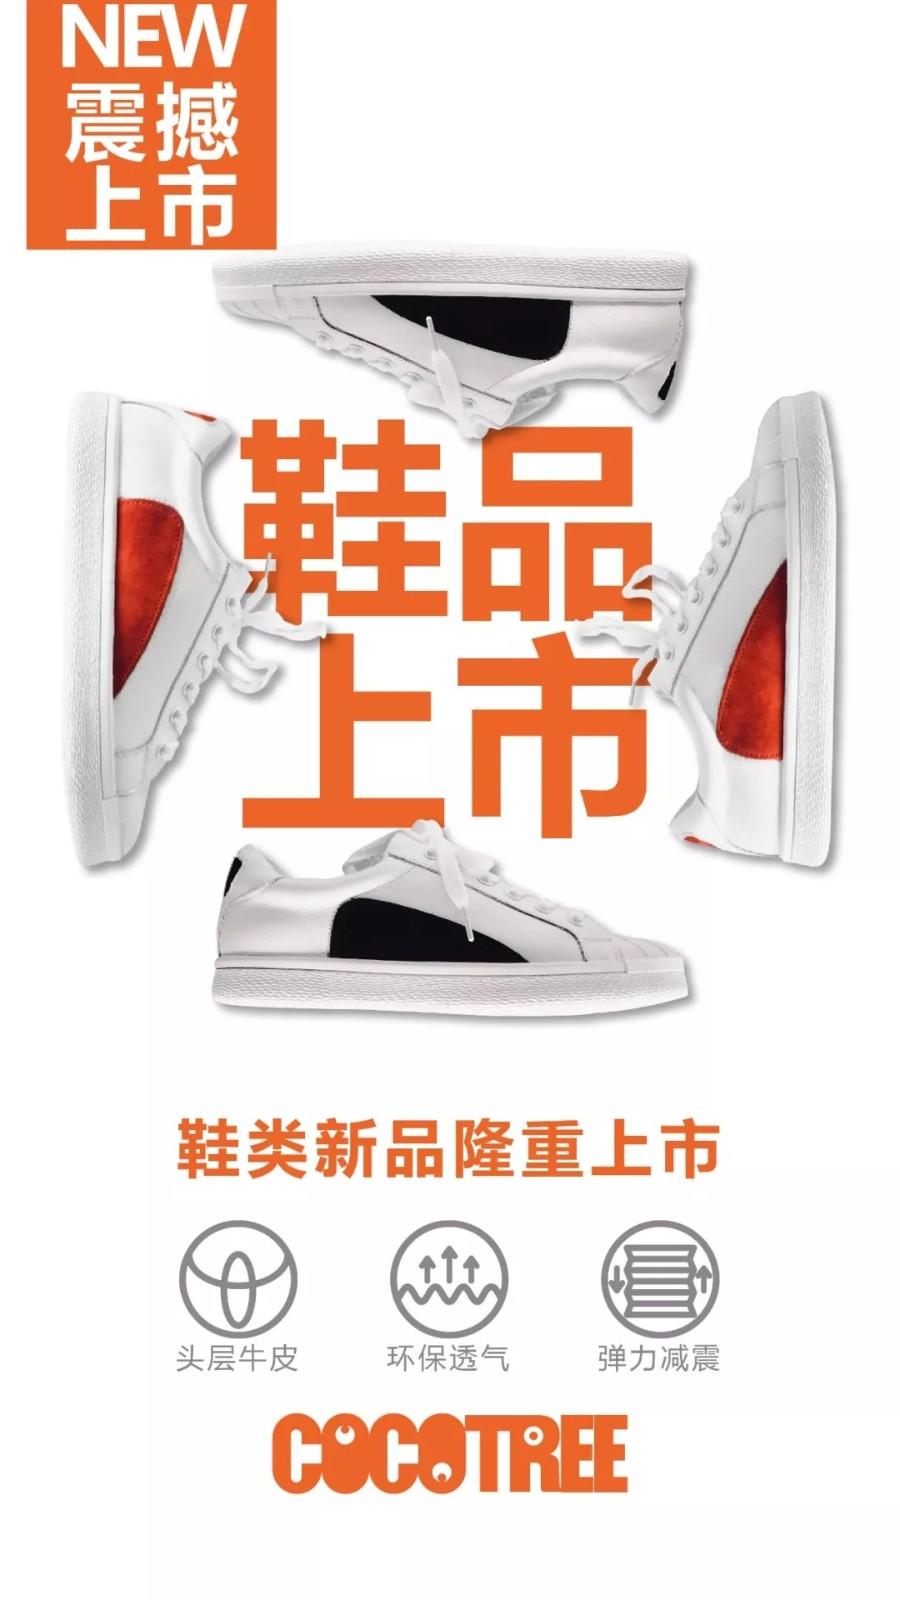 棵棵樹COCOTREE鞋類新品上市